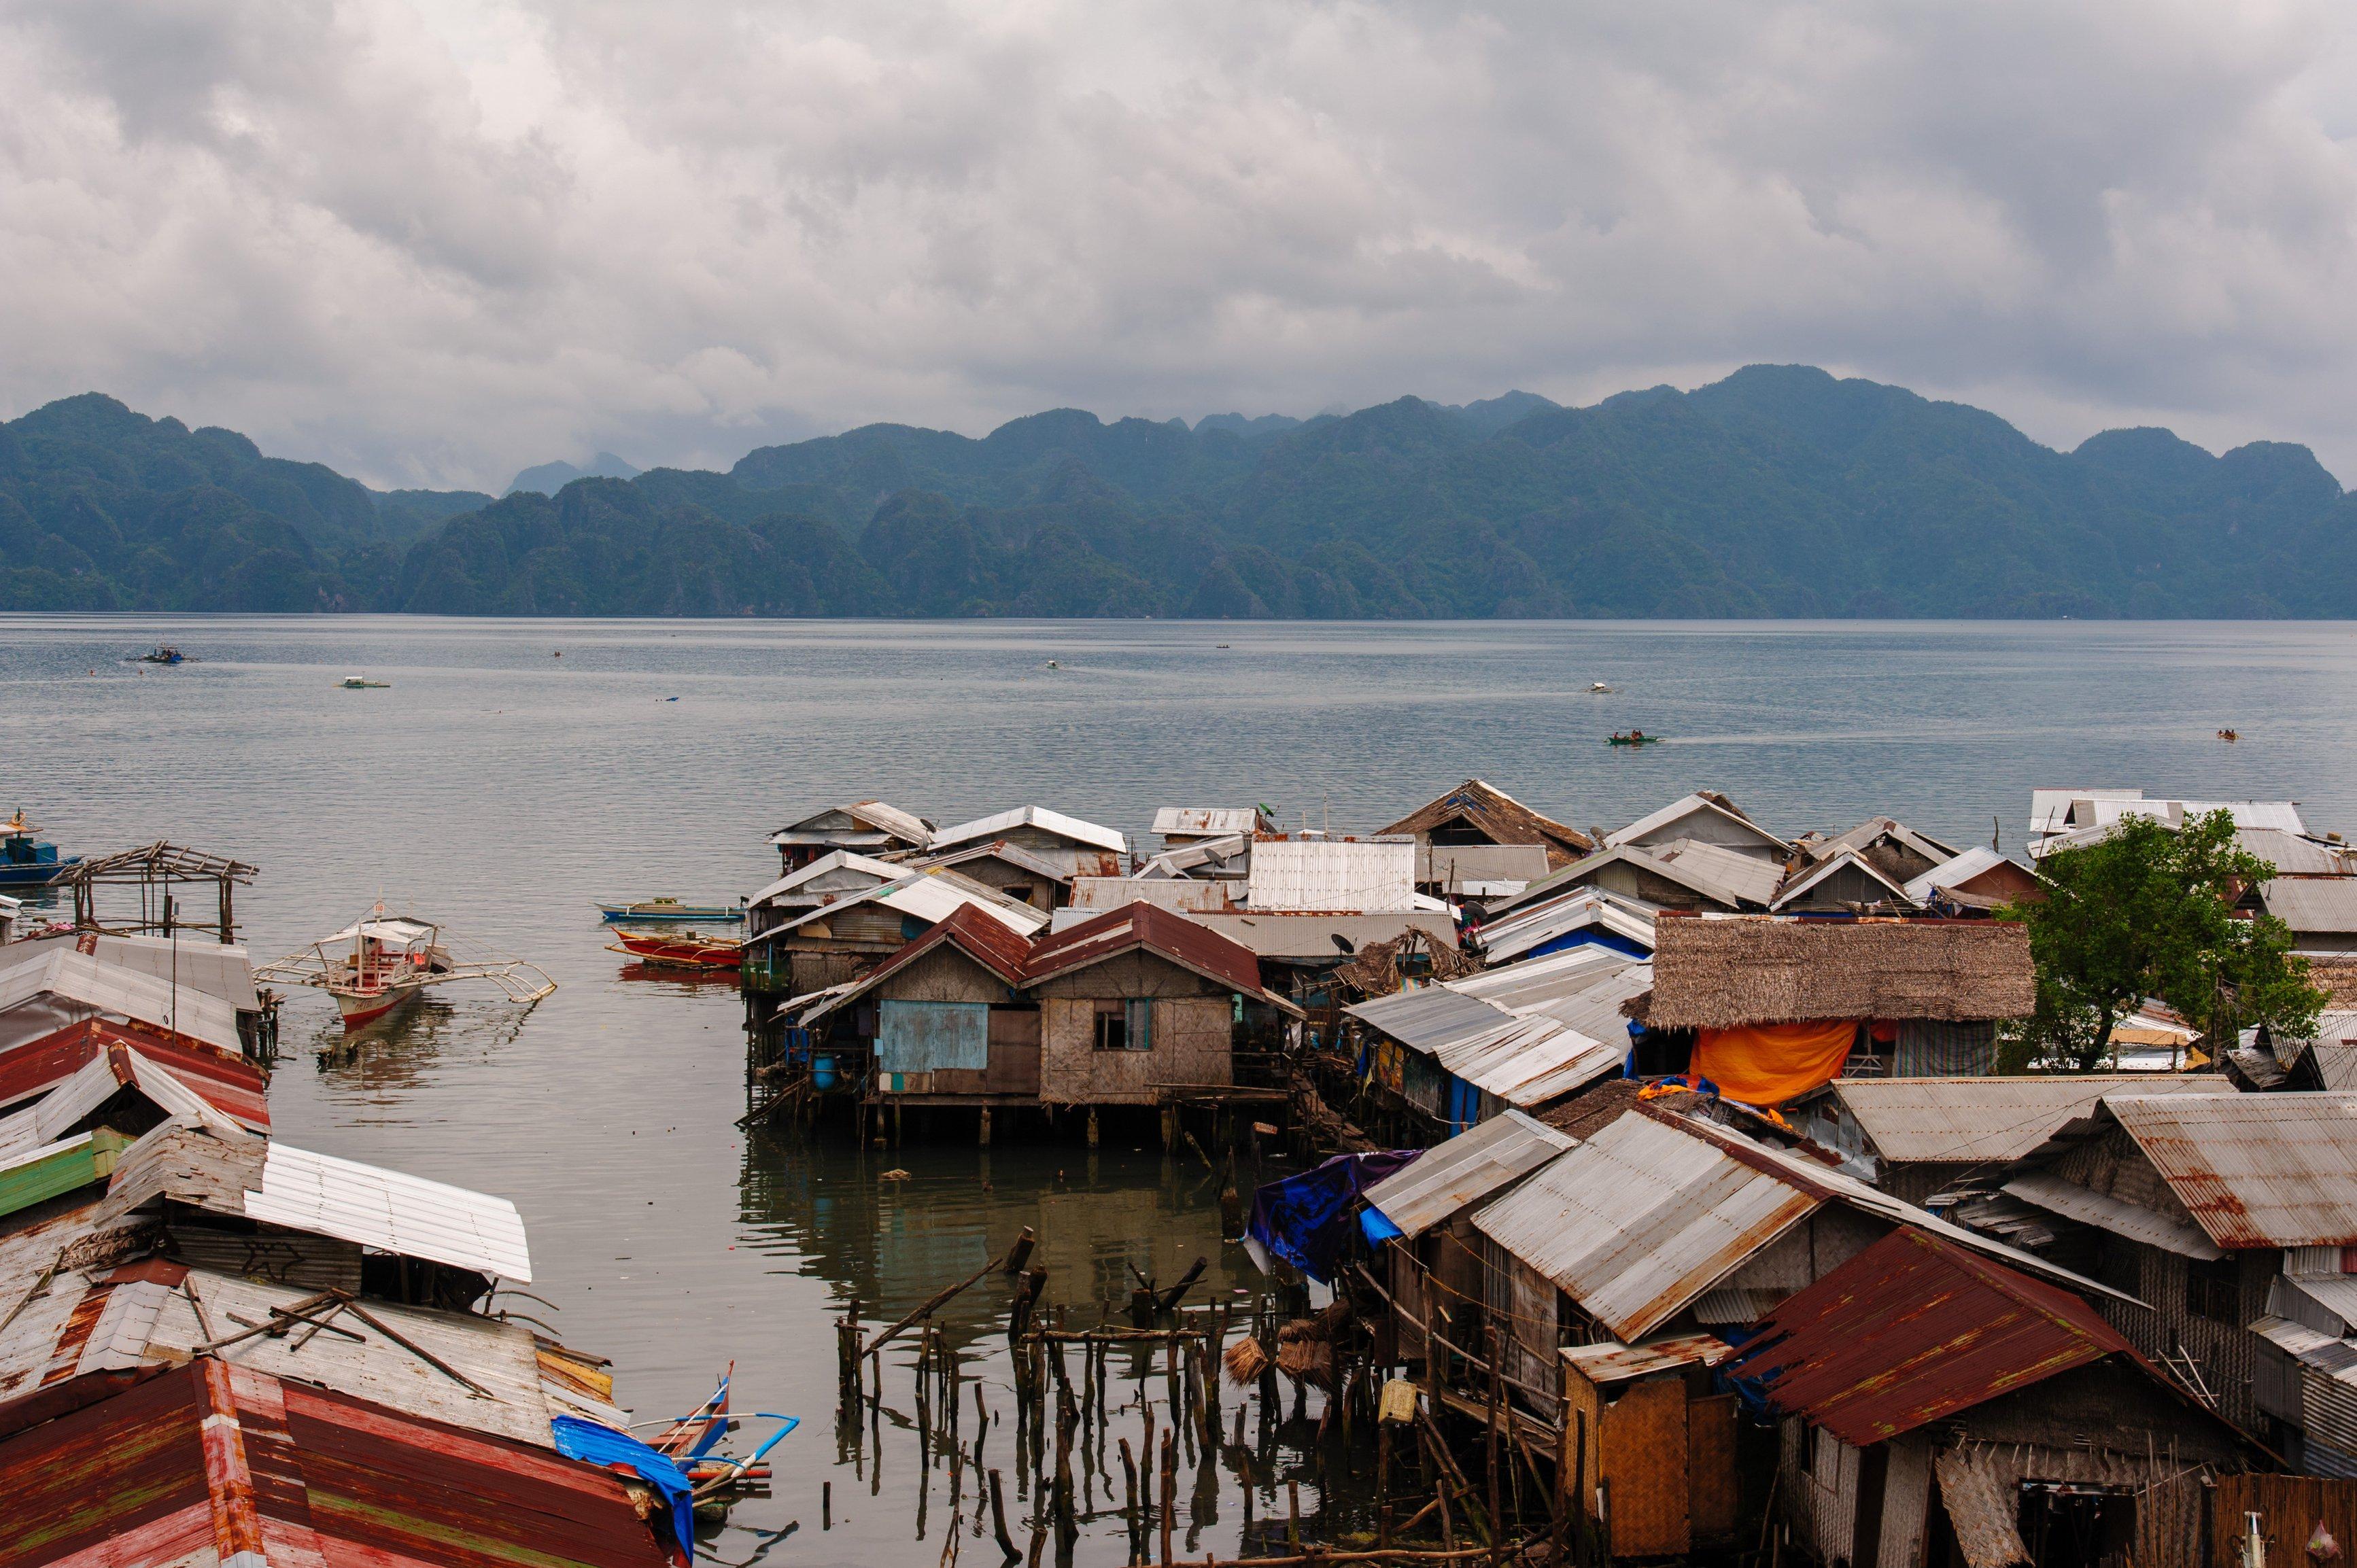 Villaggio di pescatori su palafitte a Coron